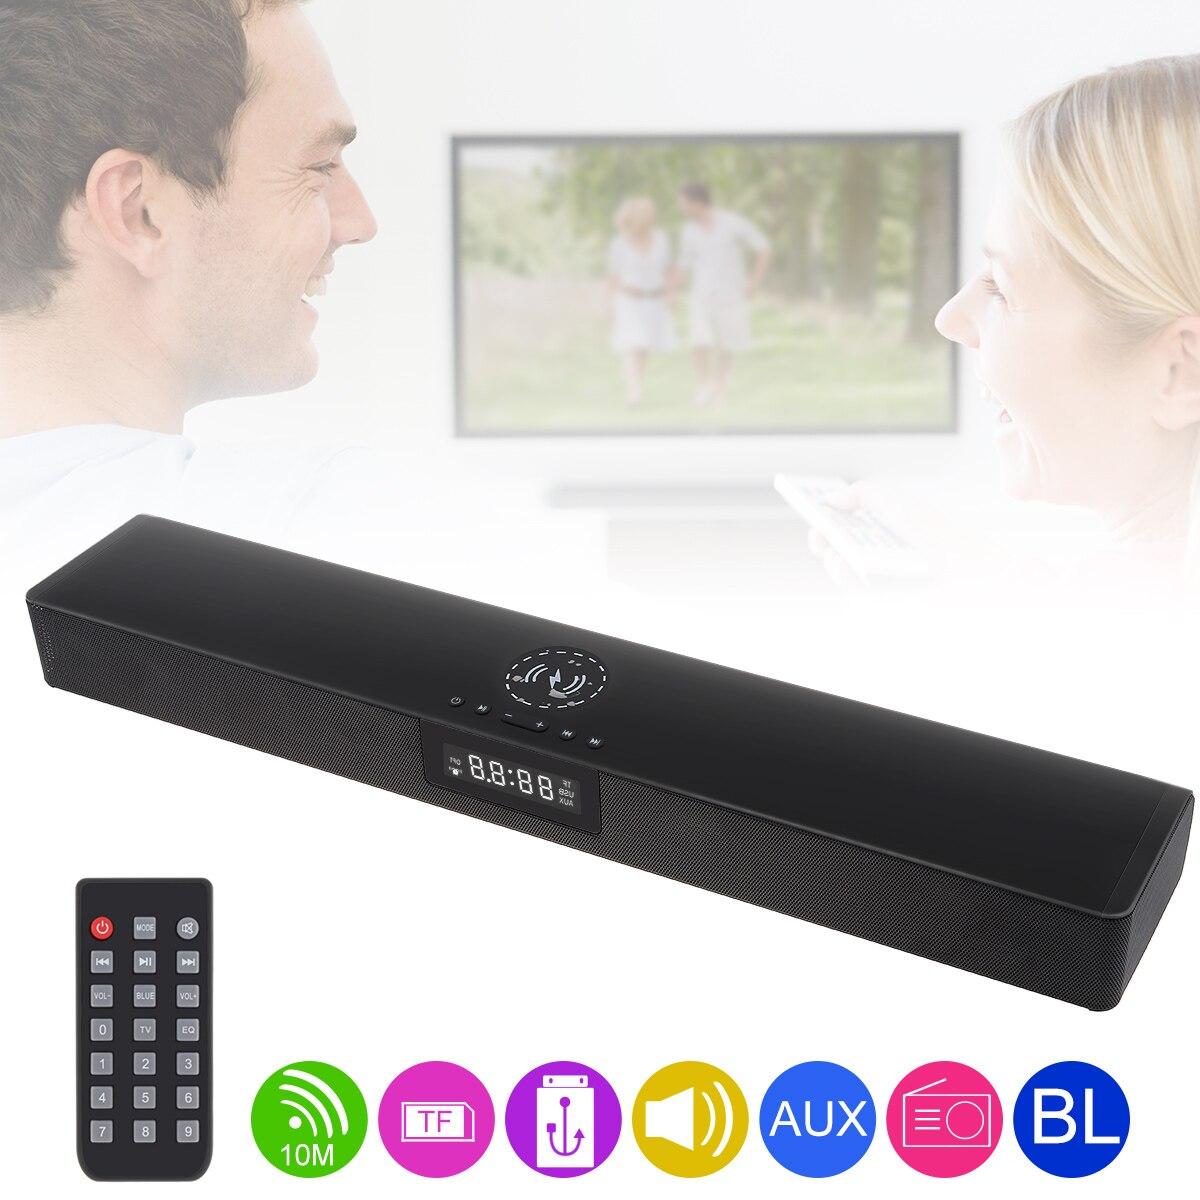 BS-39B multi-fonction Bluetooth barre de son Home cinéma sans fil Subwoofer PC haut-parleur avec charge sans fil/réveil pour TV